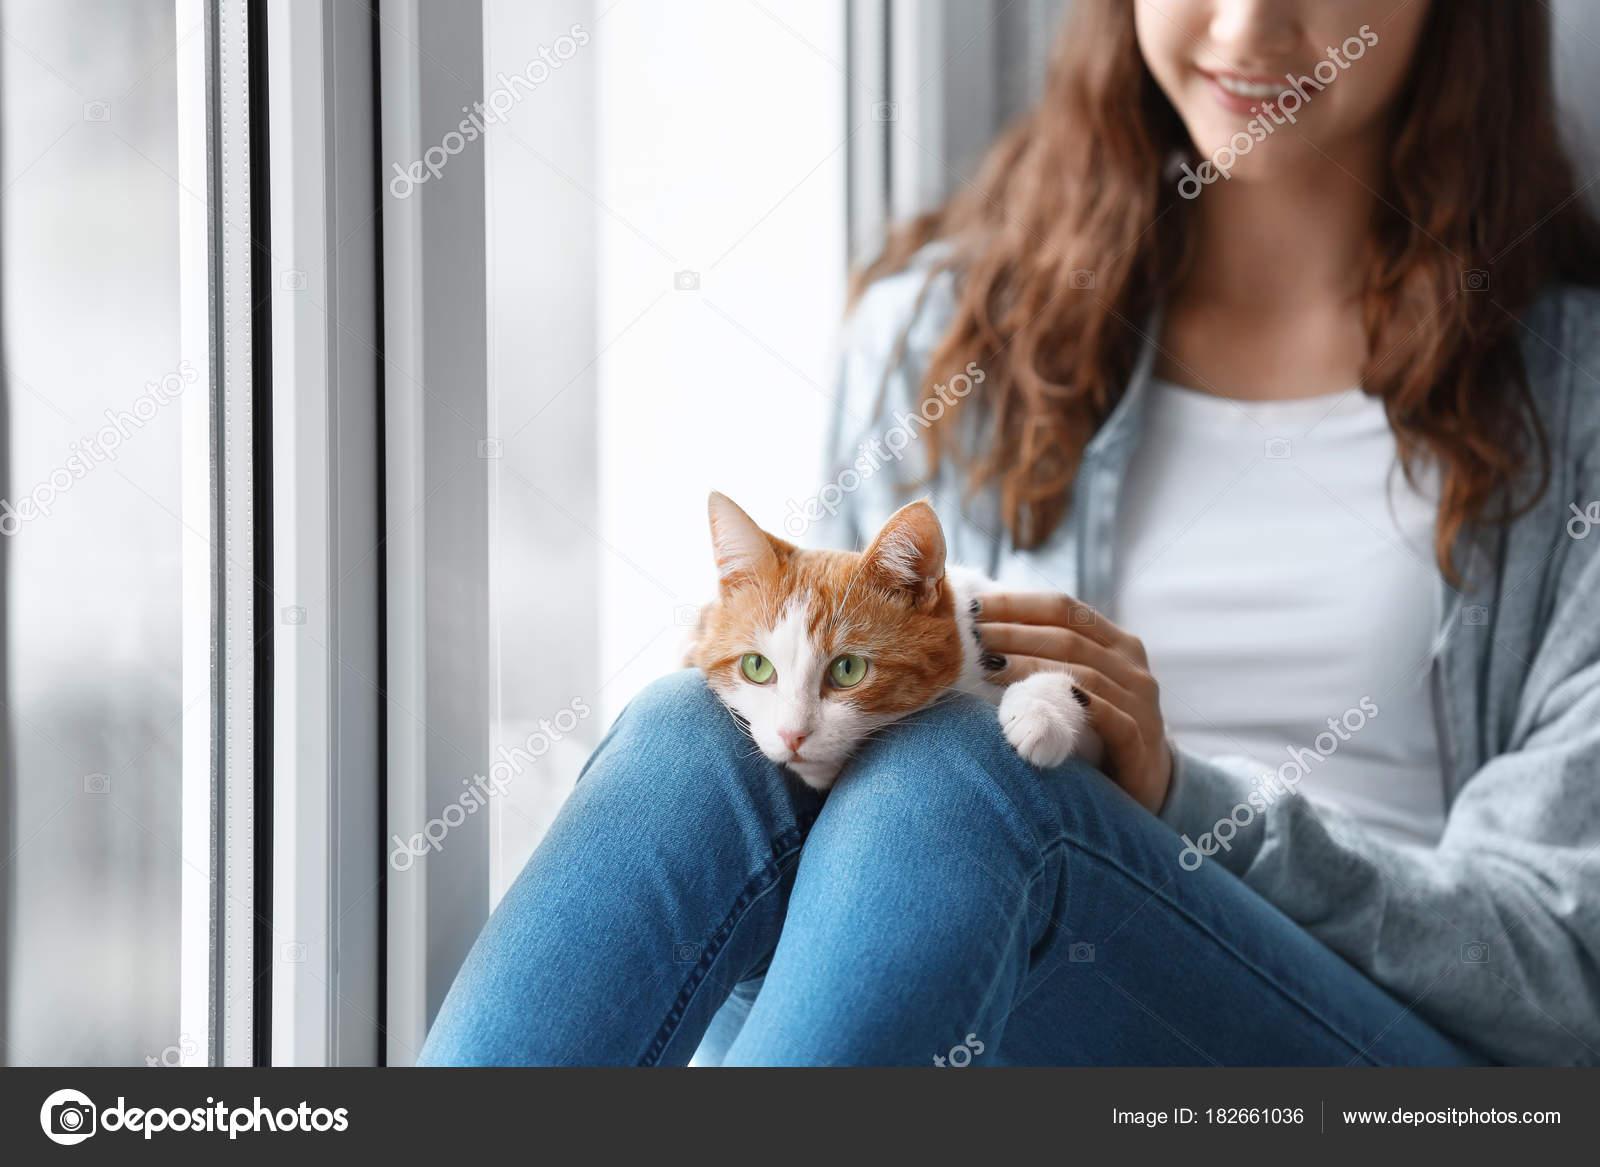 Beautiful Young Woman Cute Cat Windowsill Home Stock Photo C Belchonock 182661036